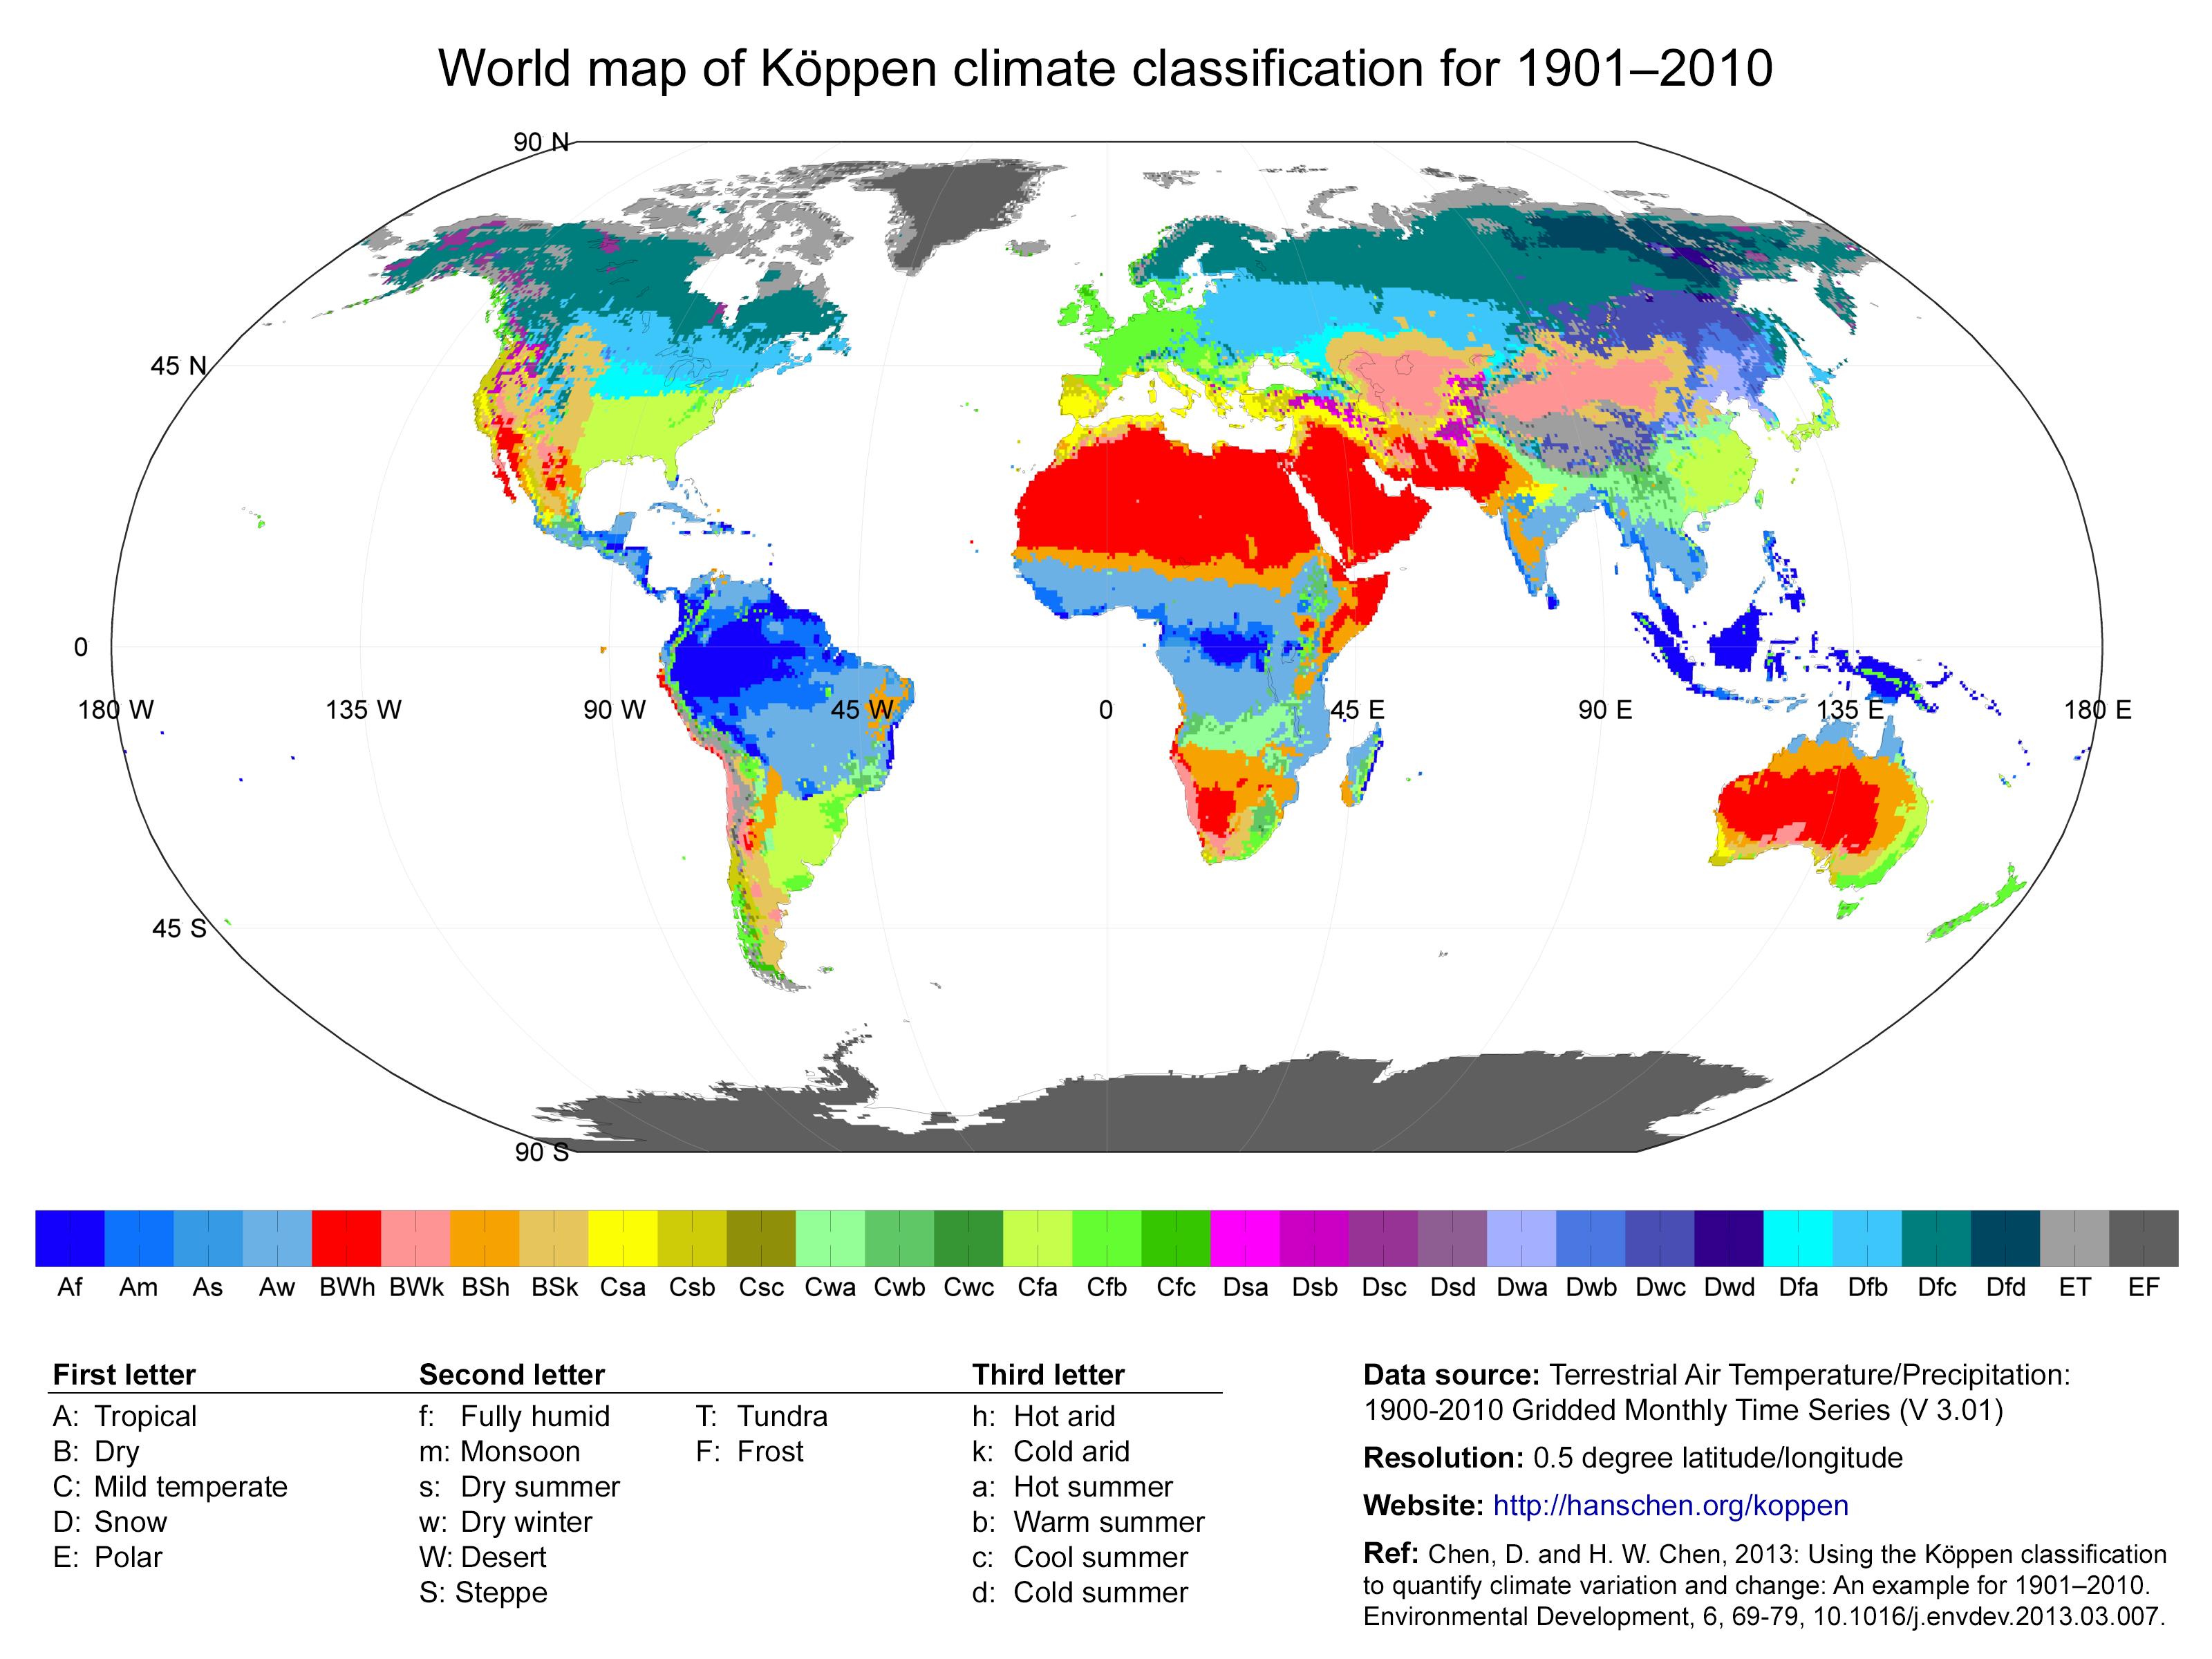 Köppen climate classification for 1901-2010